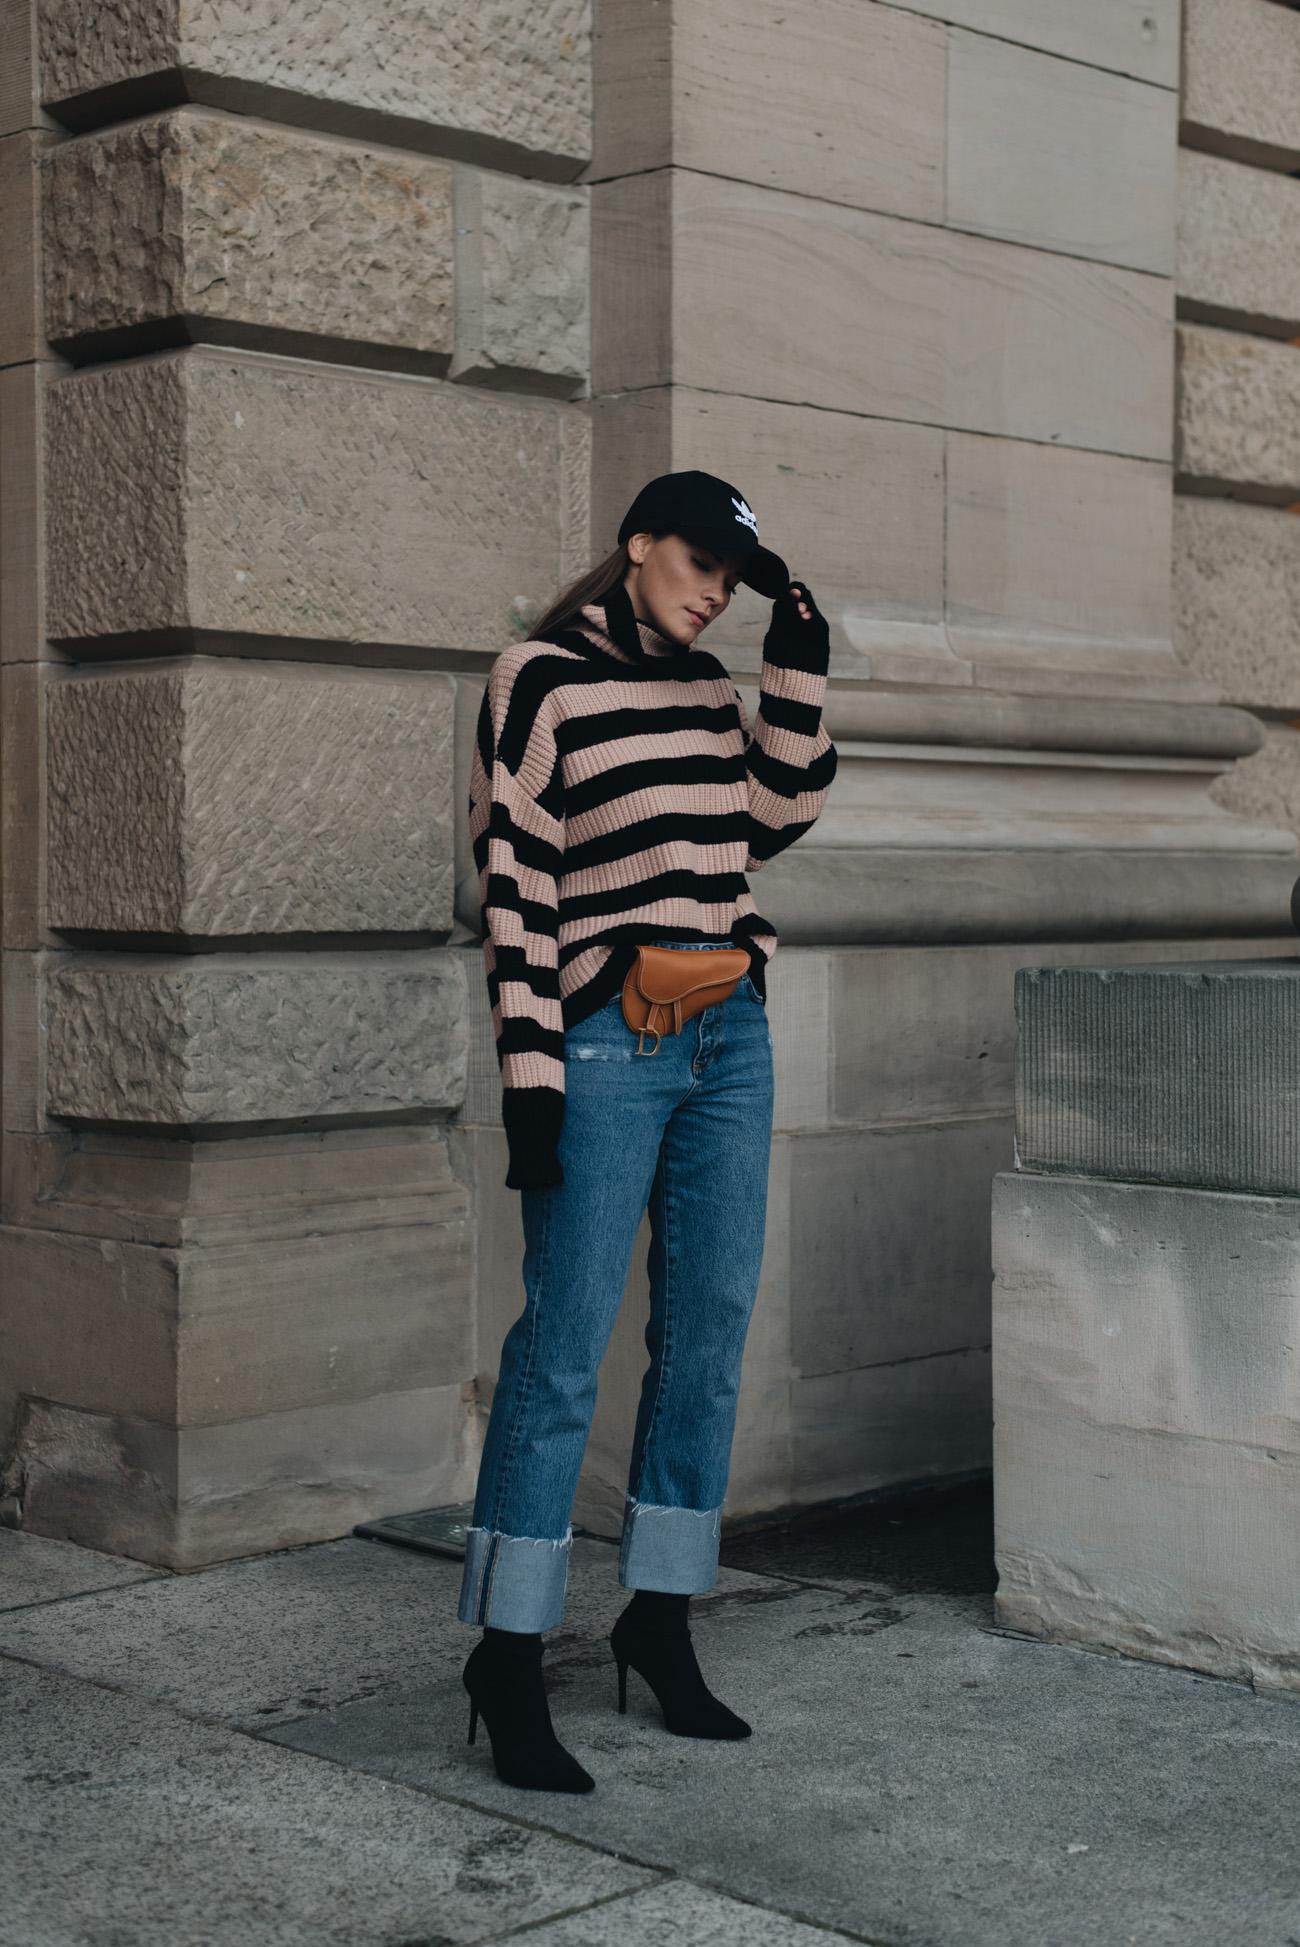 mode-trends-herbst-und-winter-2017-bauchtaschen-gürteltaschen-caps-strickpullover-fashion-blogger-deutschland-nina-schwichtenberg